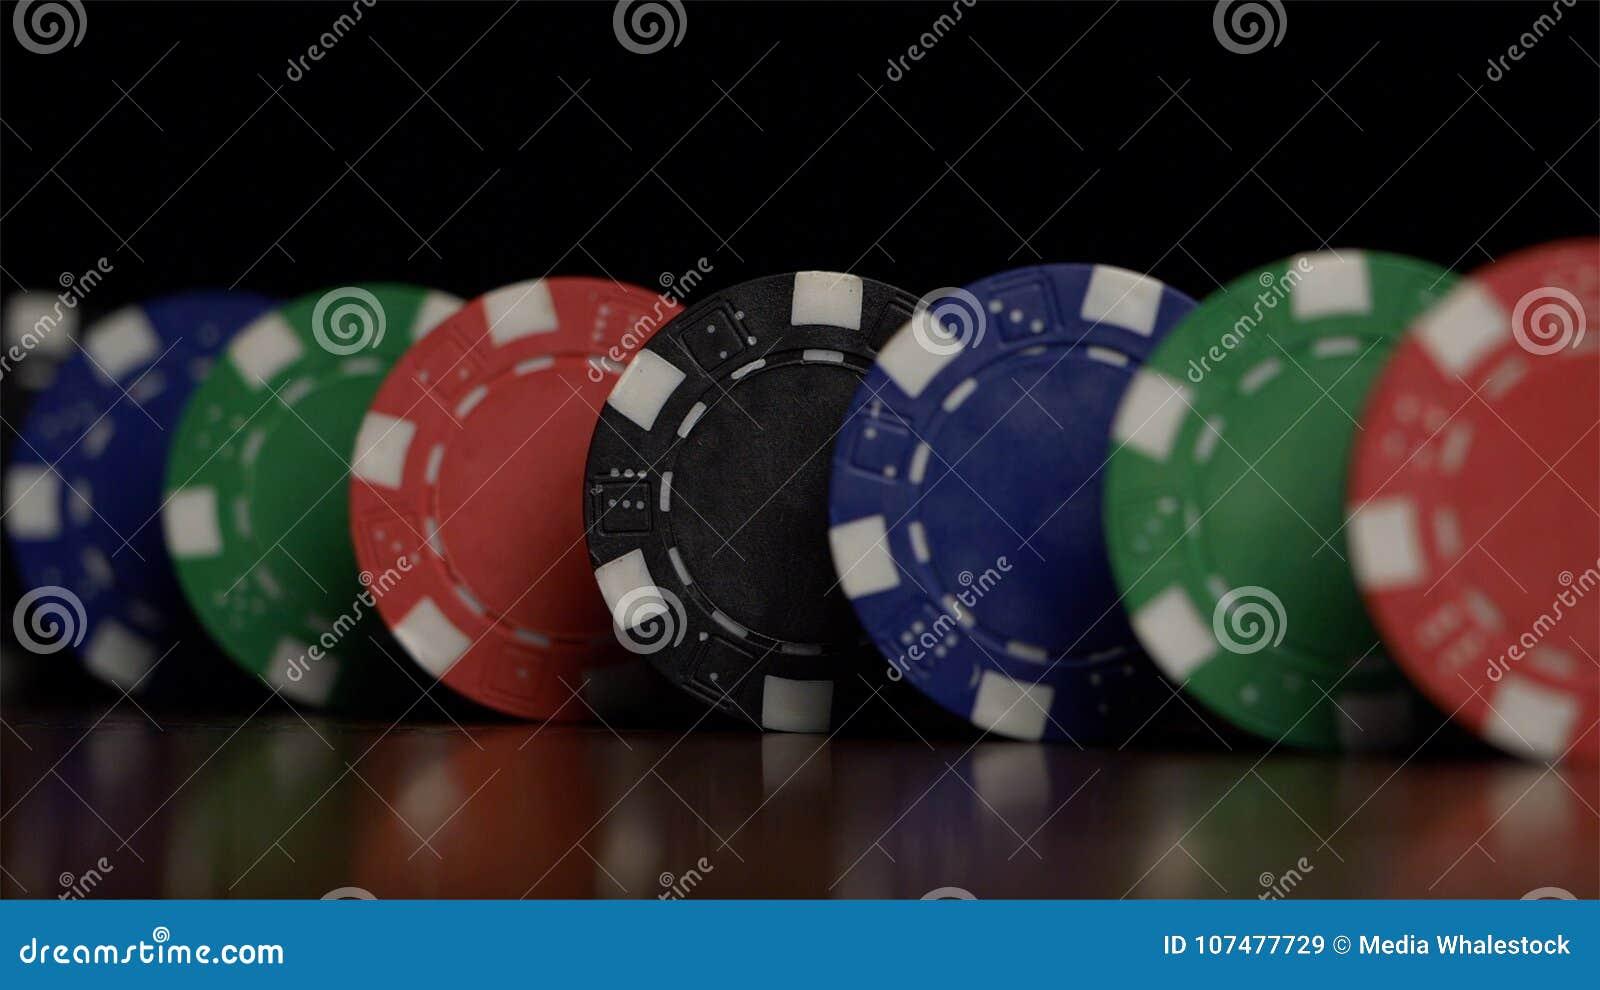 Pokerchips stehen in Folge auf einem schwarzen Hintergrund, ein Domino-Effekt Spielend sind Pokerchips auf dem Tisch, ein Symbol